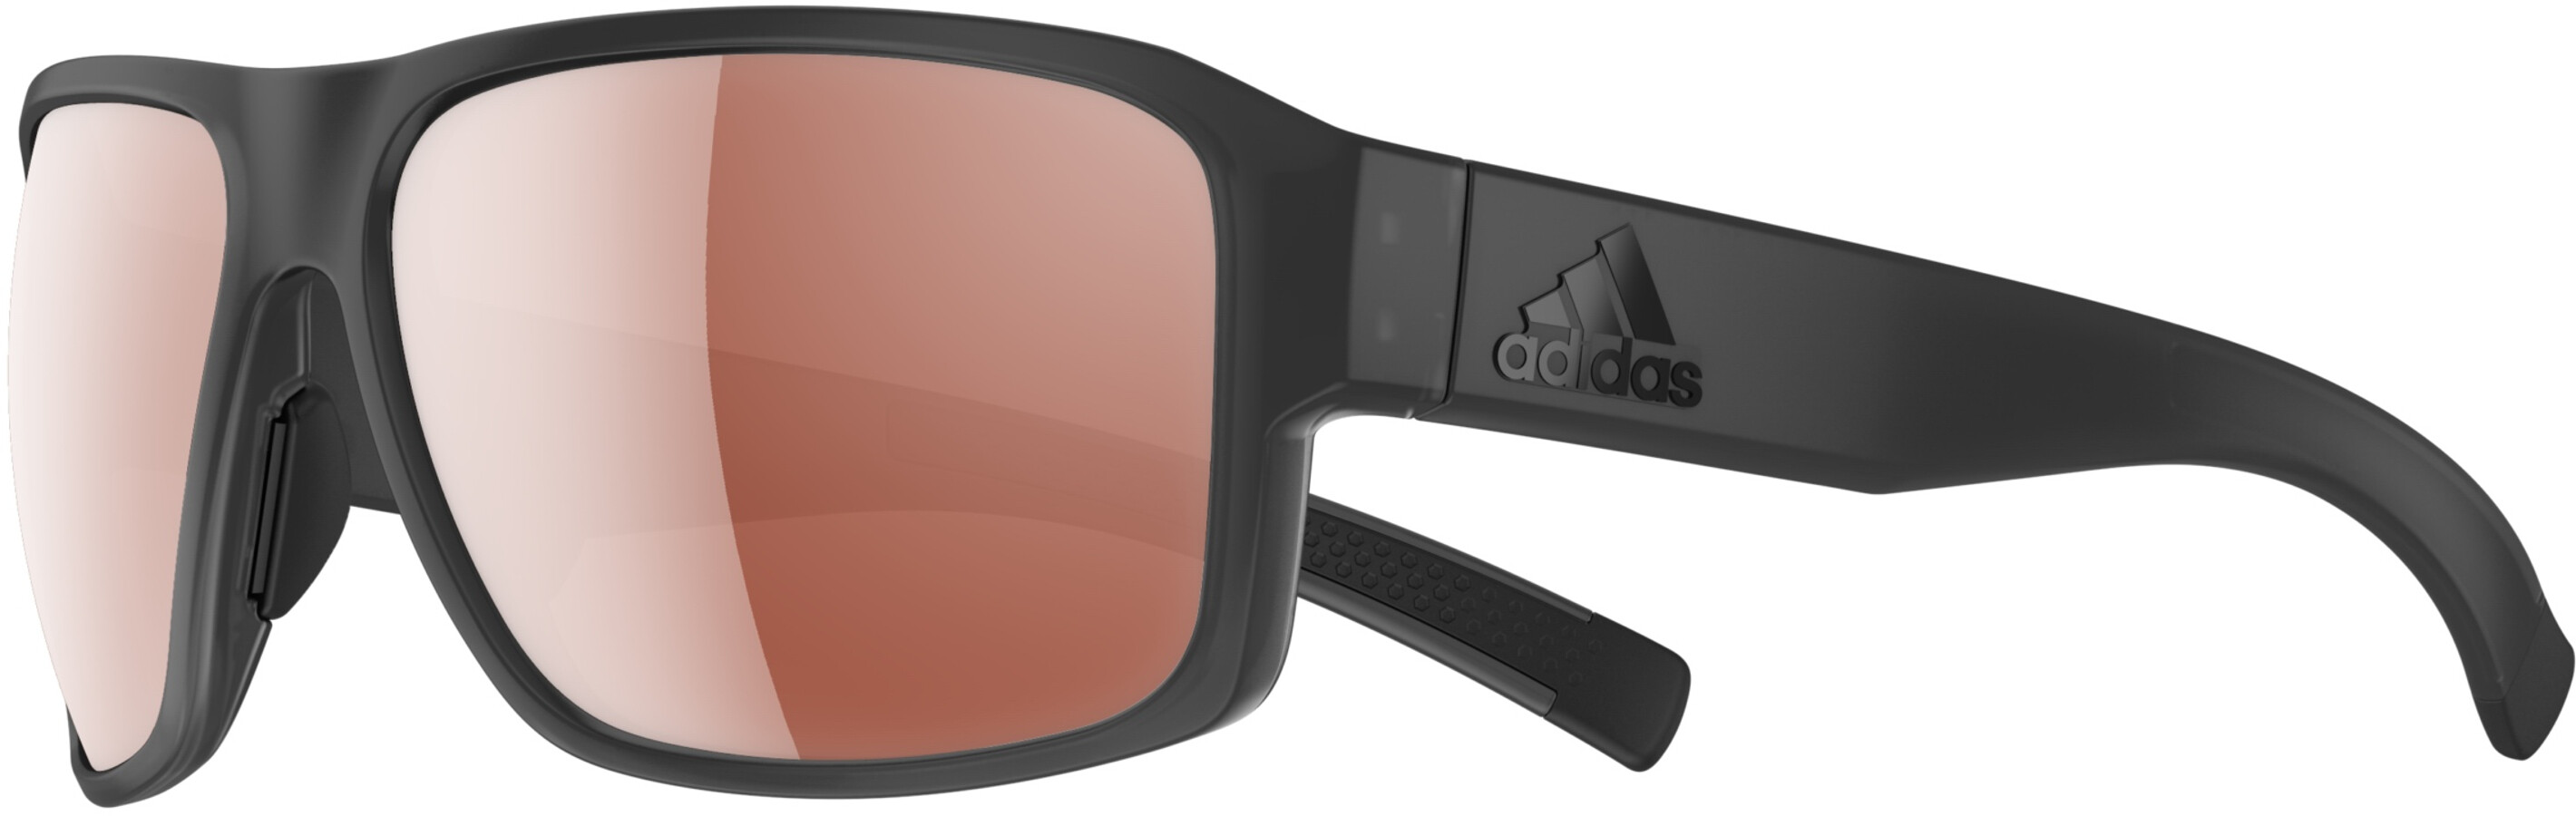 c29e6e2feb8e adidas Jaysor Cykelbriller grå